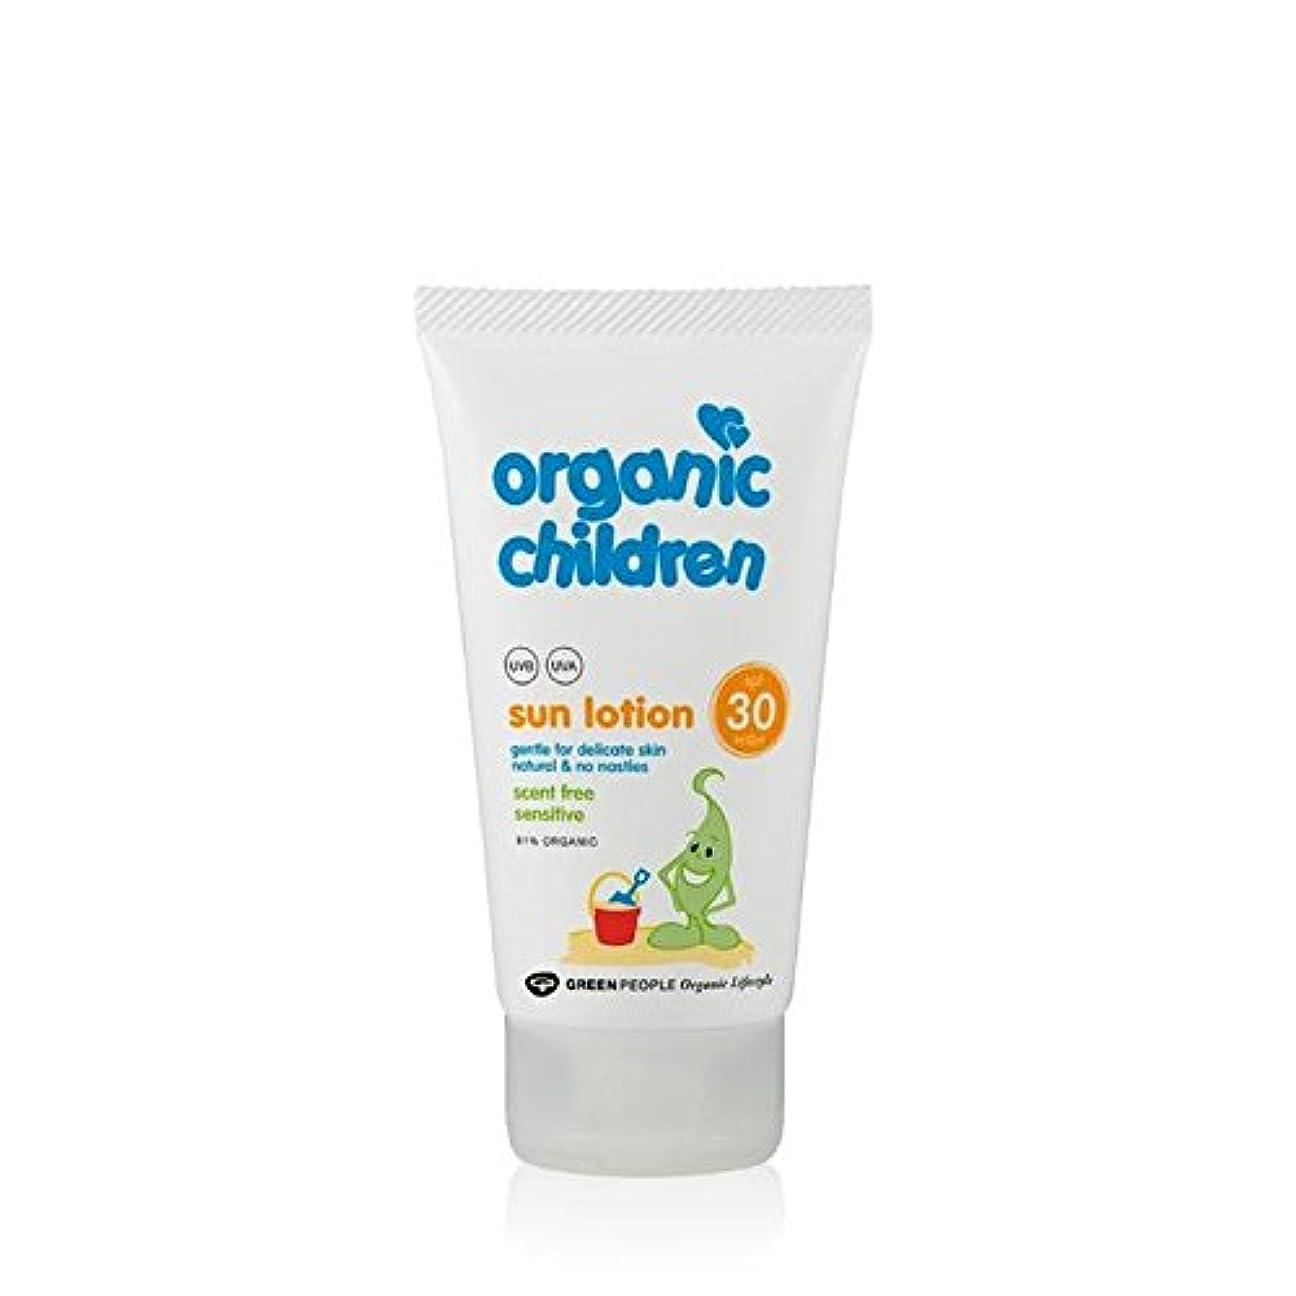 噴水ハリケーン破産有機子ども30の香り無料のサンローション150 x4 - Organic Children SPF30 Scent Free Sun Lotion 150ml (Pack of 4) [並行輸入品]